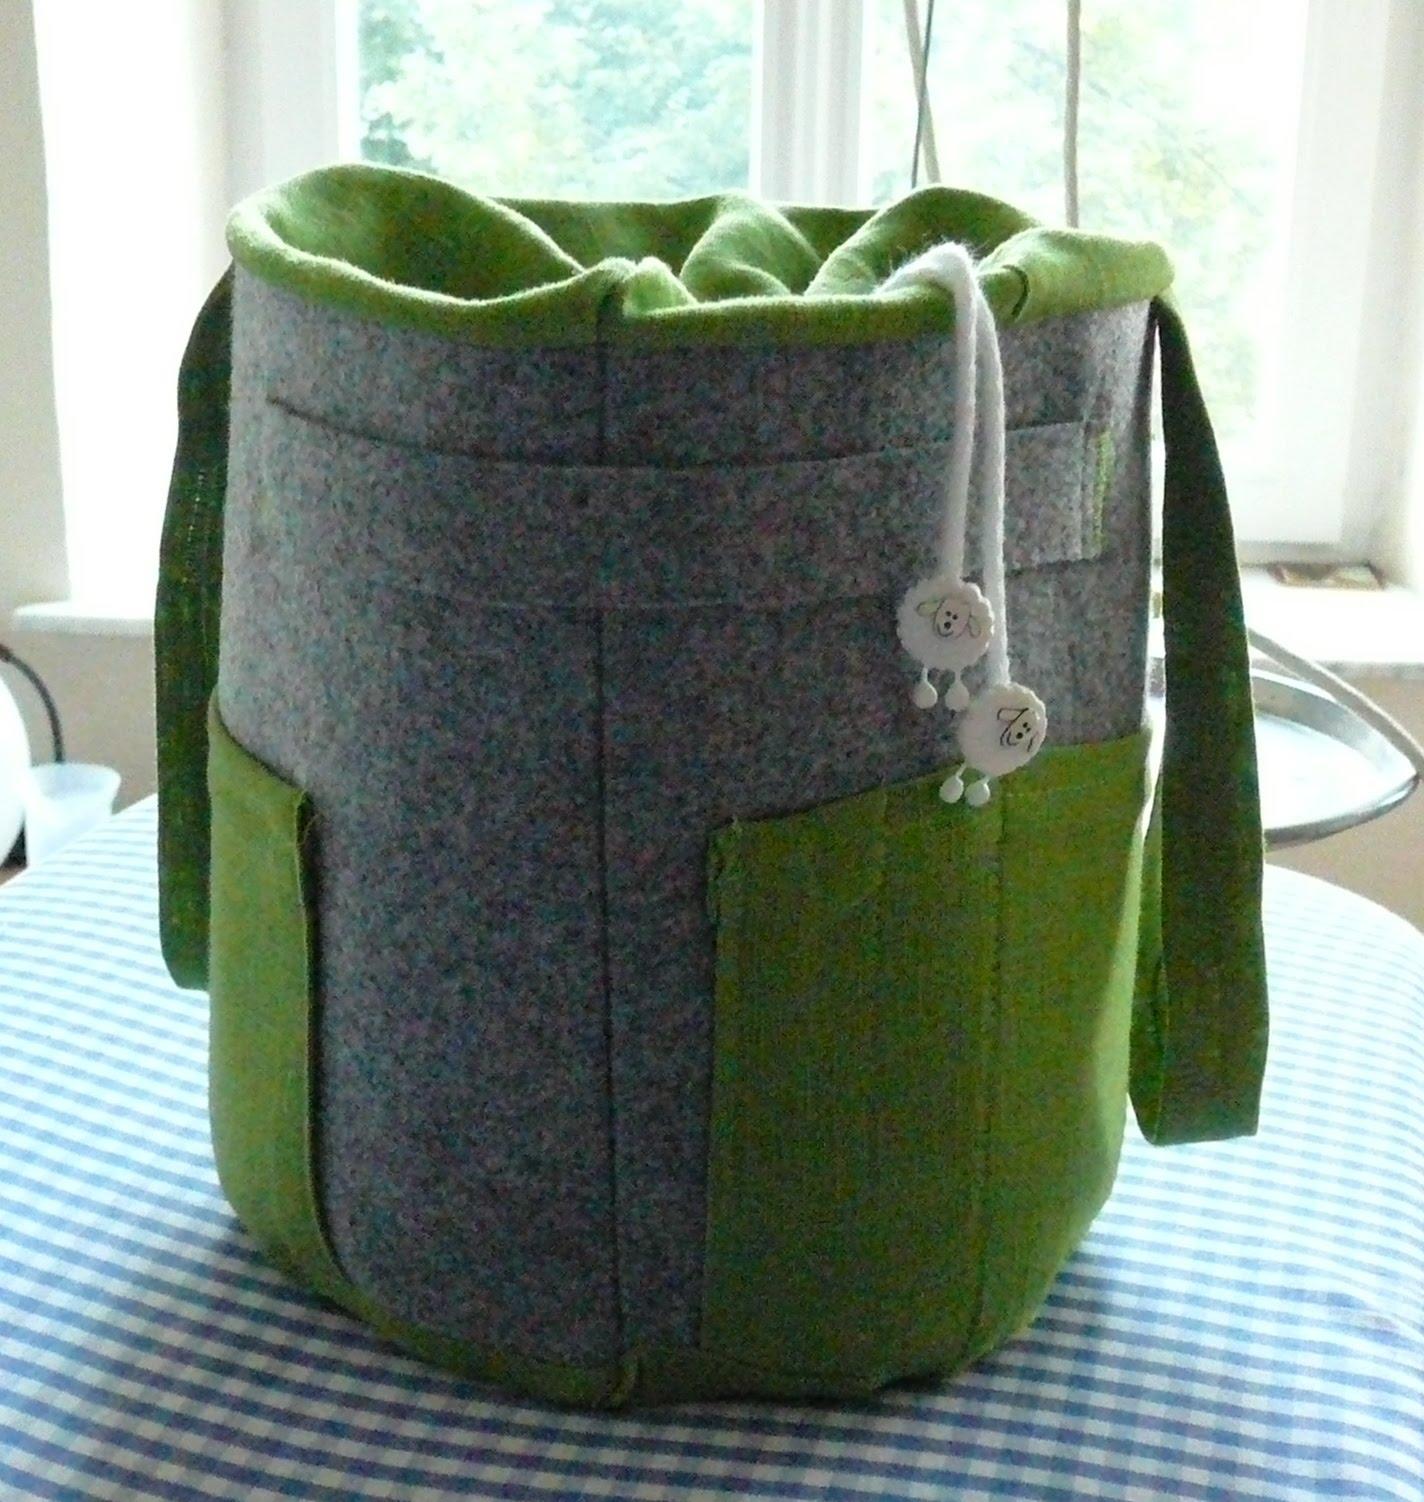 projekte projekte neuer strickkorb. Black Bedroom Furniture Sets. Home Design Ideas